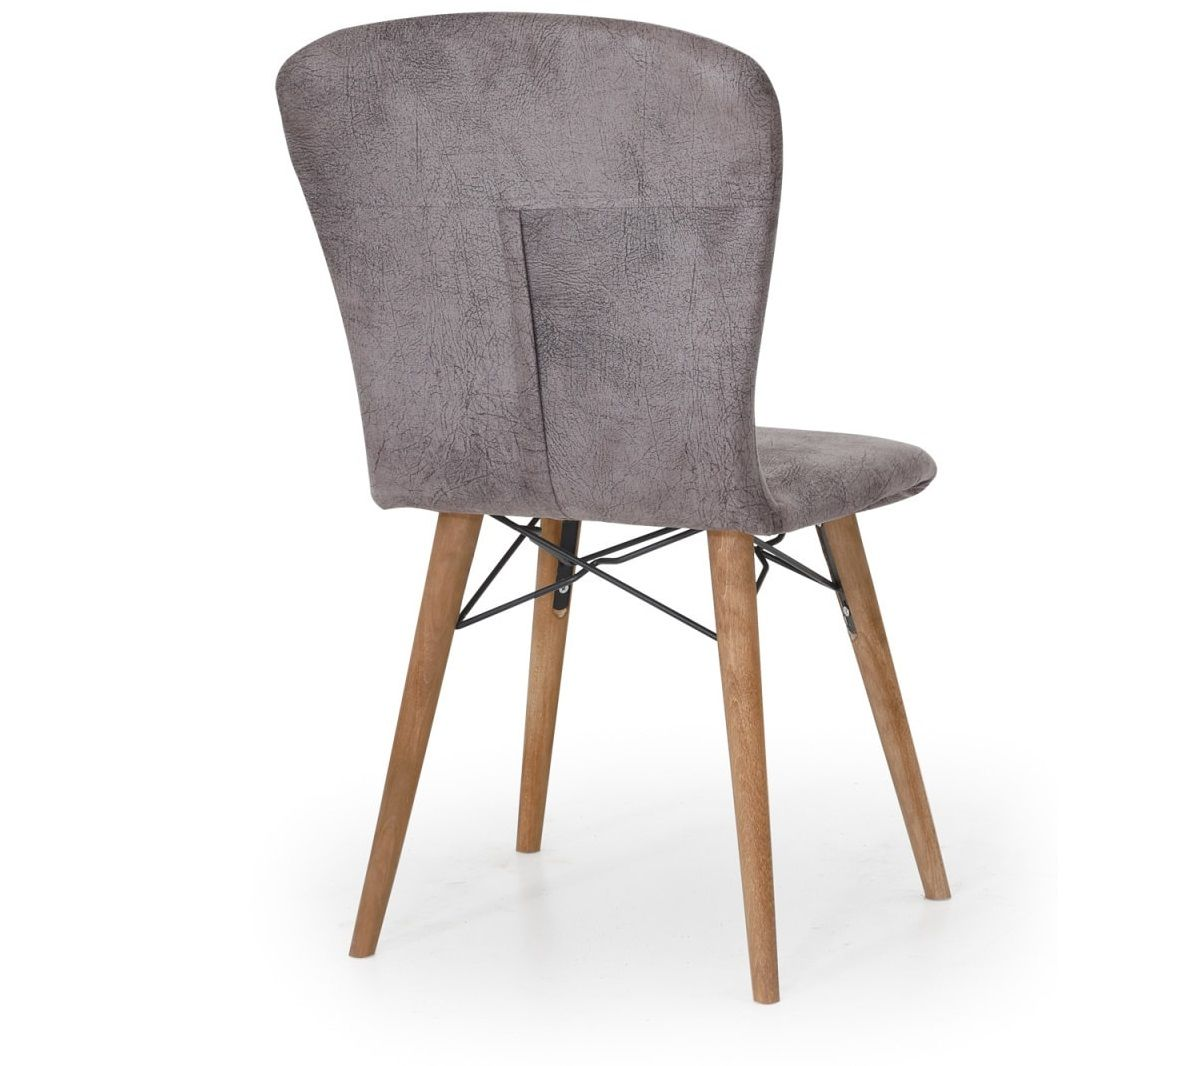 Set masa alba extensibila cu 4 scaune tapitate griHomspicioare lemn 110 x 70 cm